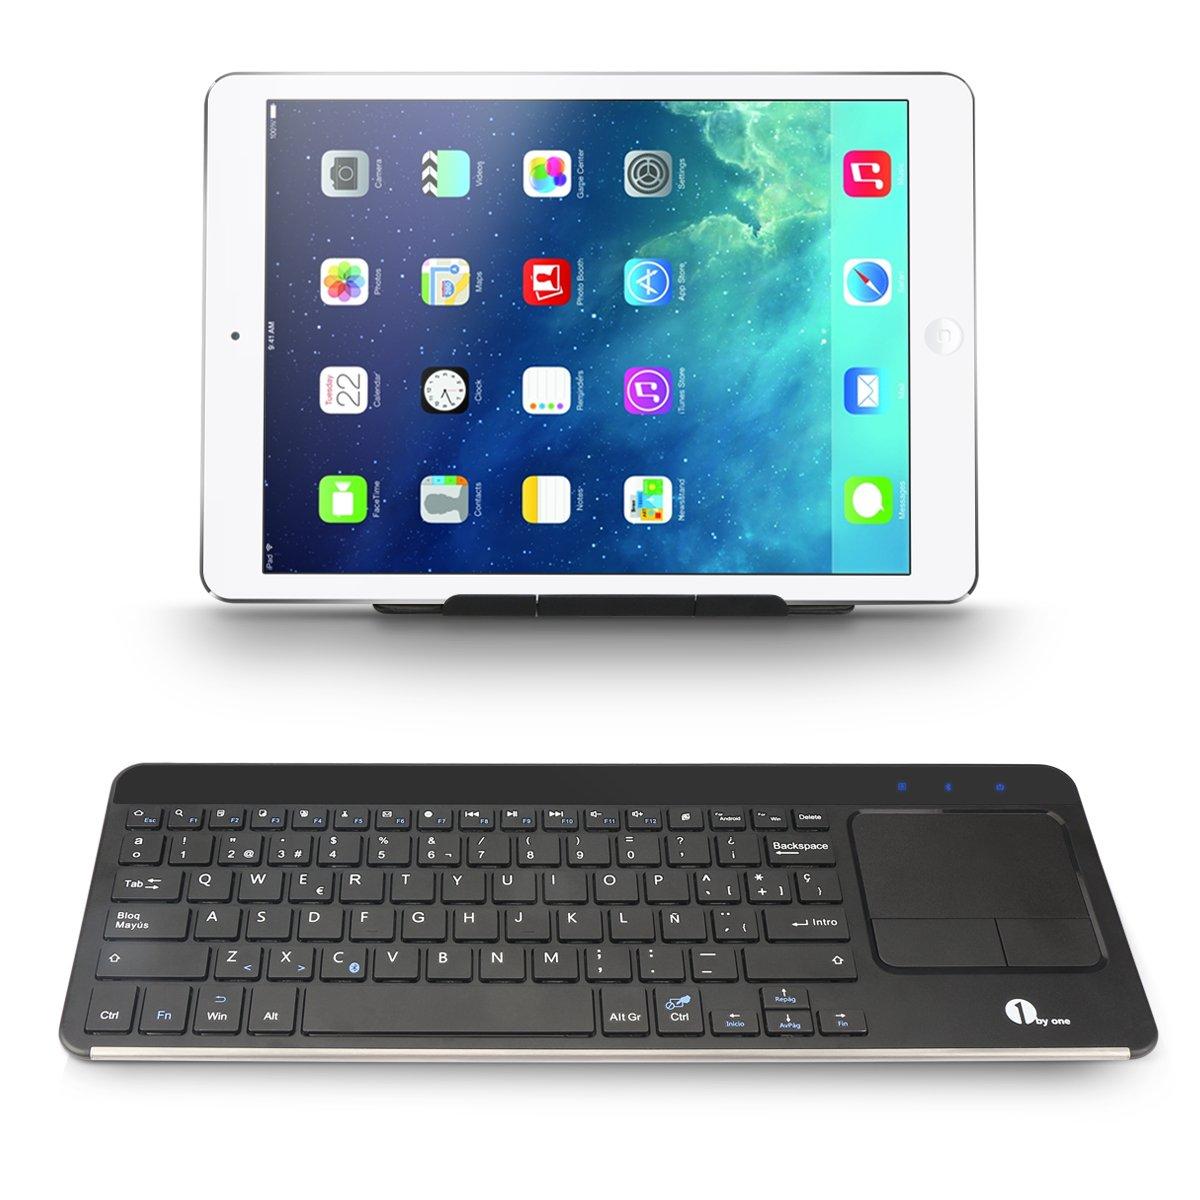 1byone Teclado Inalámbrico con Multi-touchpad (Bluetooth, Windows/Linux/Android OS): Amazon.es: Electrónica